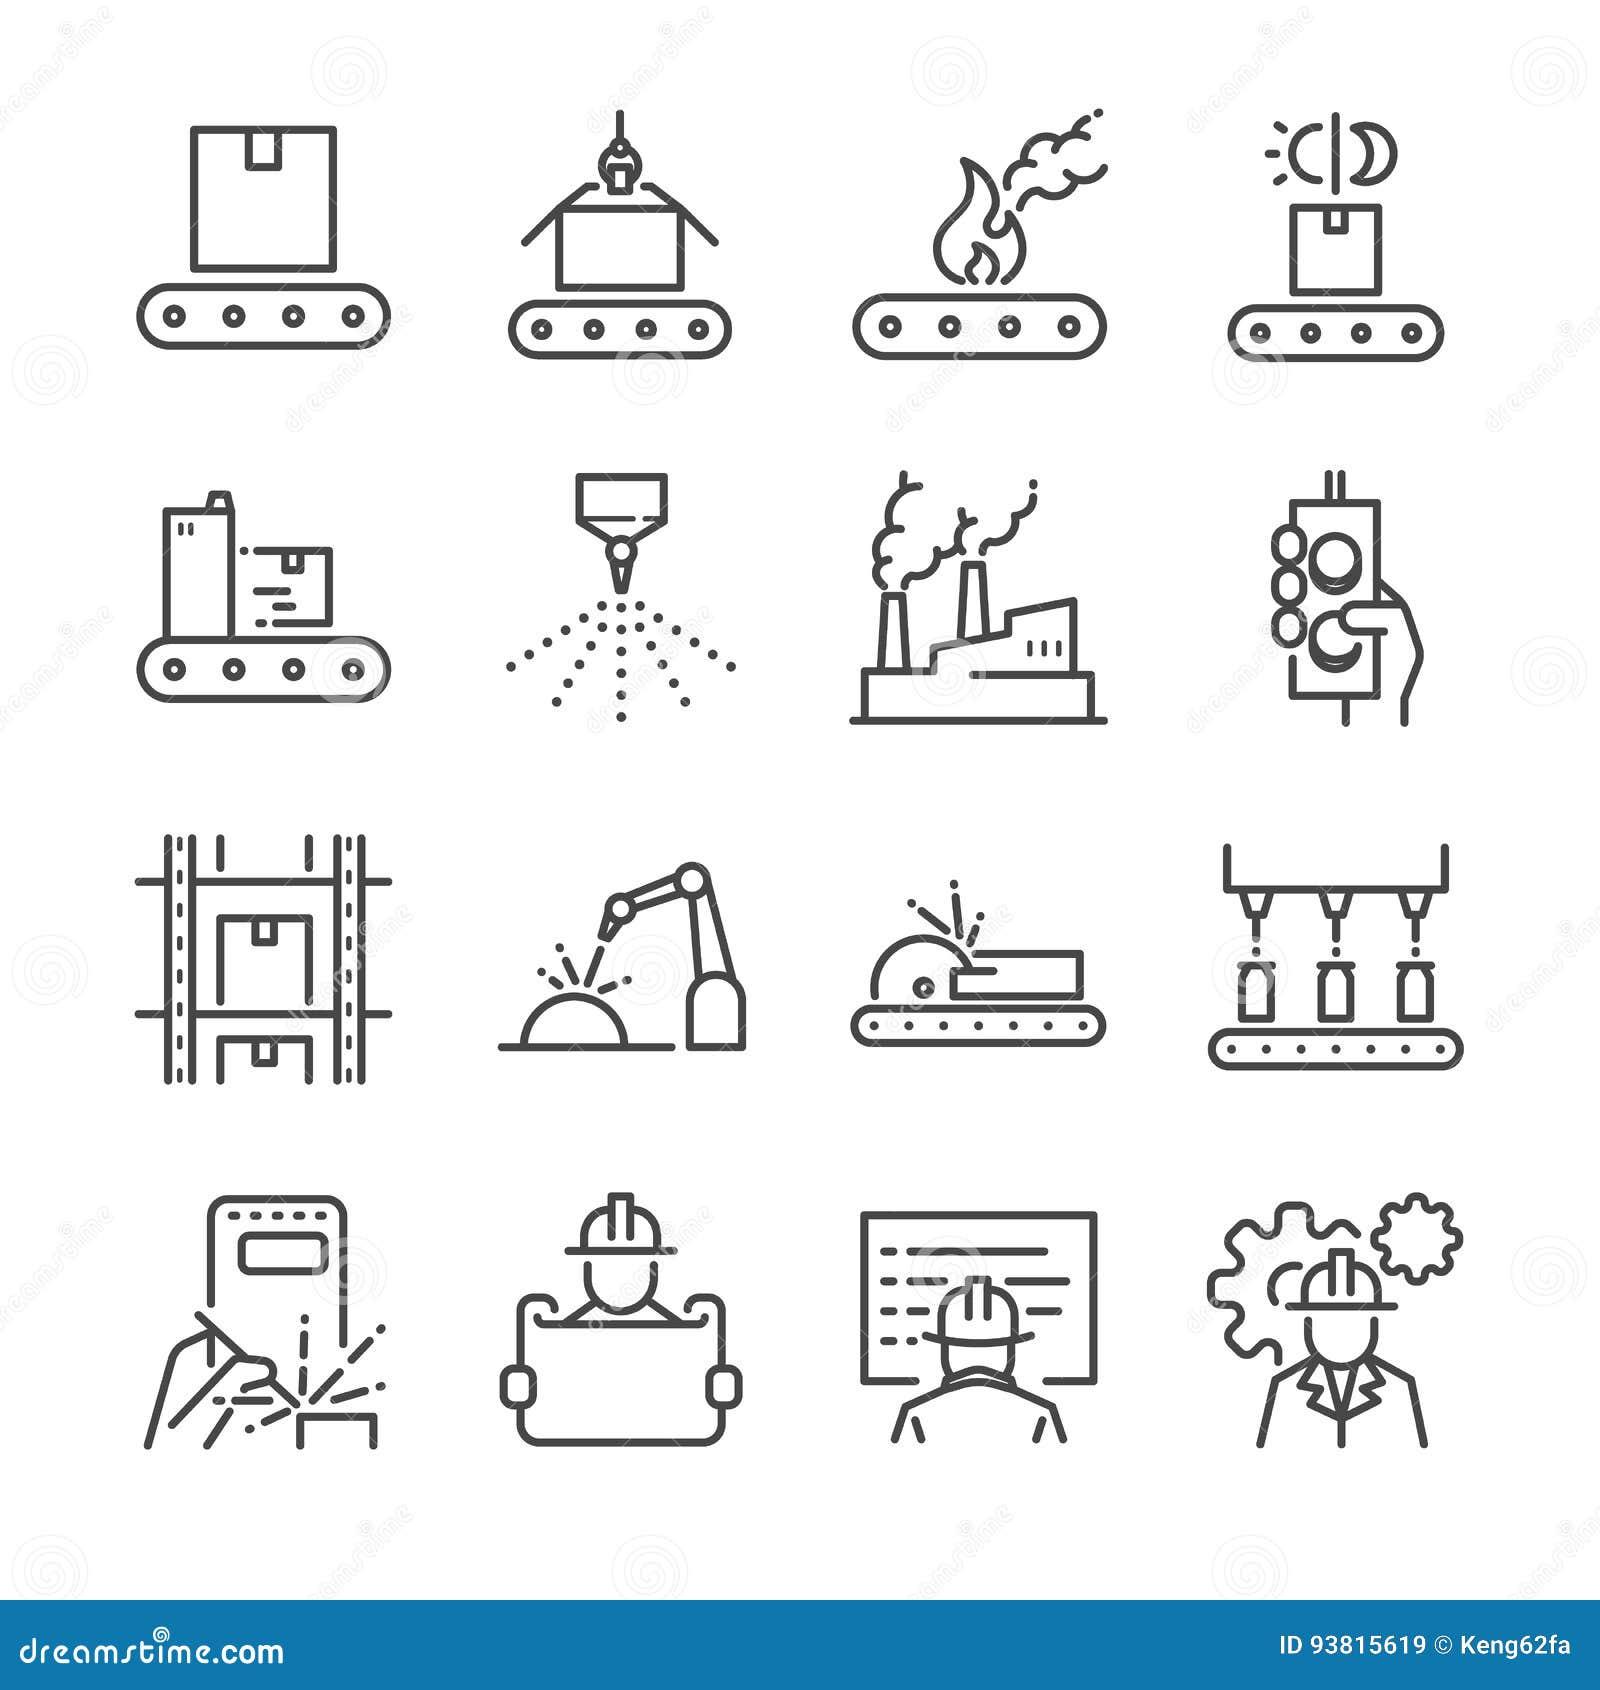 Σύνολο εικονιδίων γραμμών κατασκευής Περιέλαβε τα εικονίδια ως διαδικασία, παραγωγή, εργοστάσιο, συσκευασία και περισσότερους